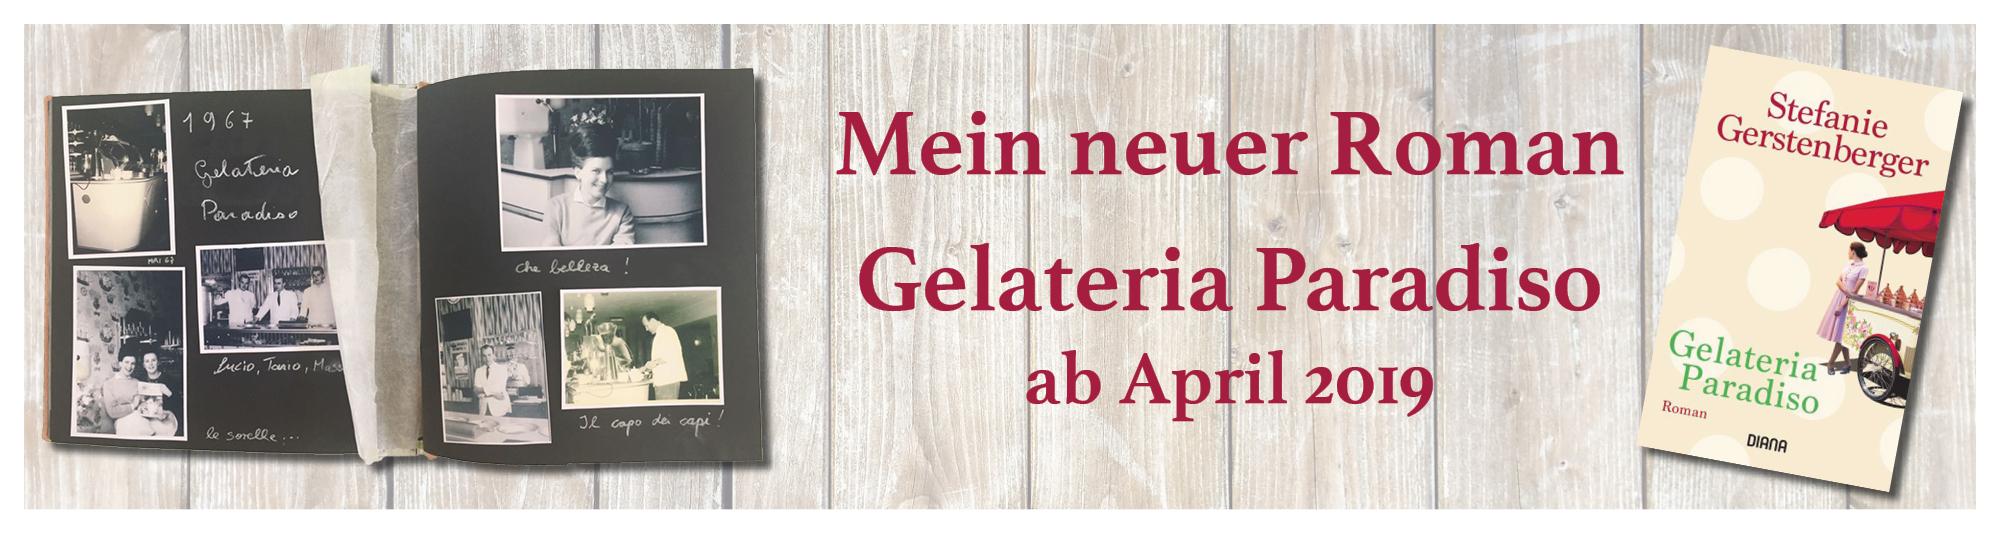 Banner zum Roman Gelateria Paradiso von Stefanie Gerstenberger